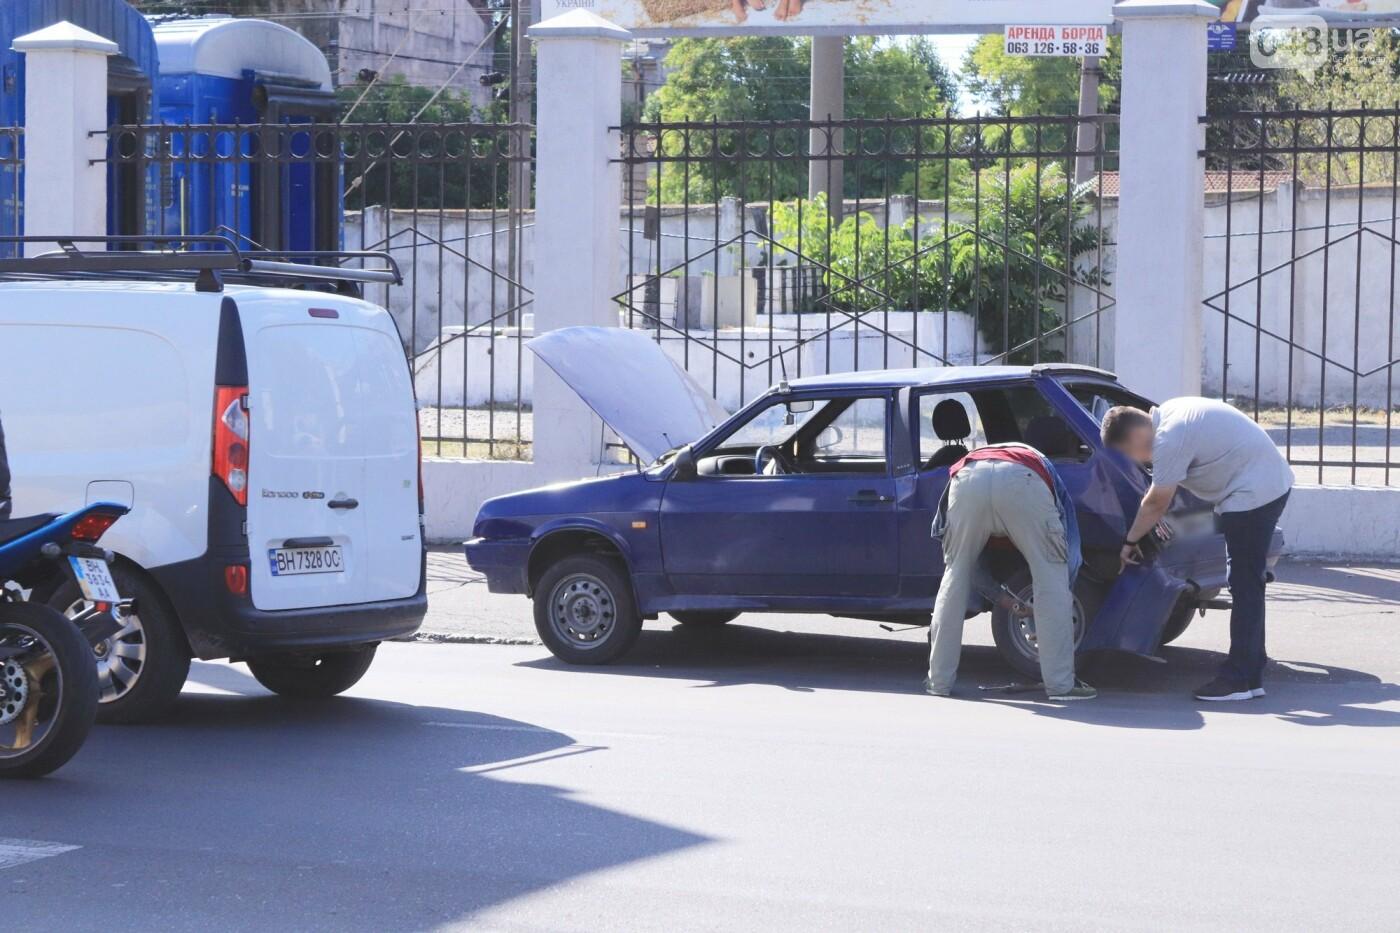 Могли взорваться: в Одессе КАМАЗ протаранил на светофоре легковушку с баллоном газа в багажнике, - ФОТО , фото-7